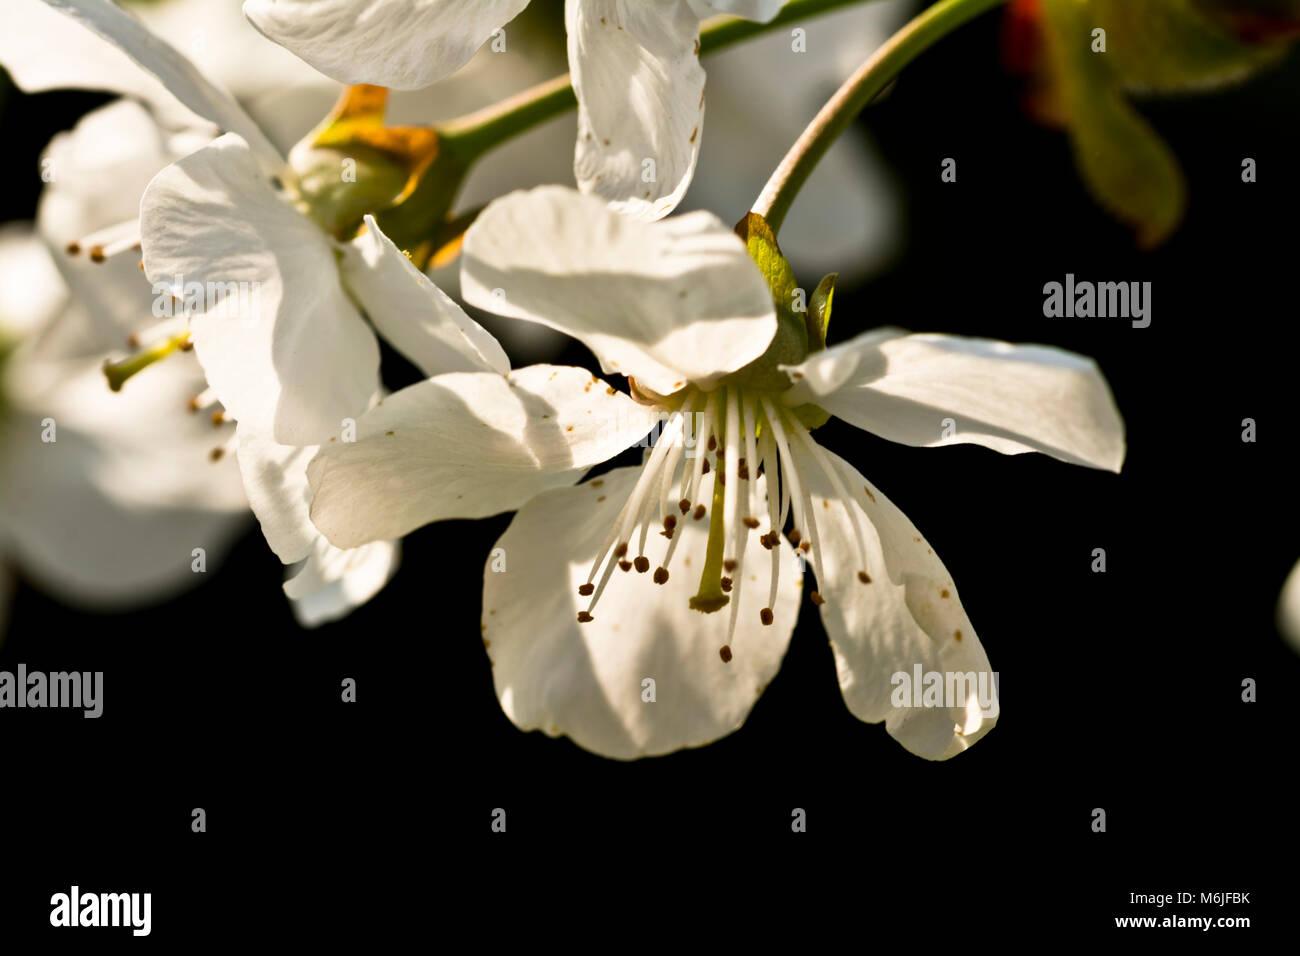 Une Fleur De Cerisier Blanc Contre Un Fond Noir Fonc Banque D